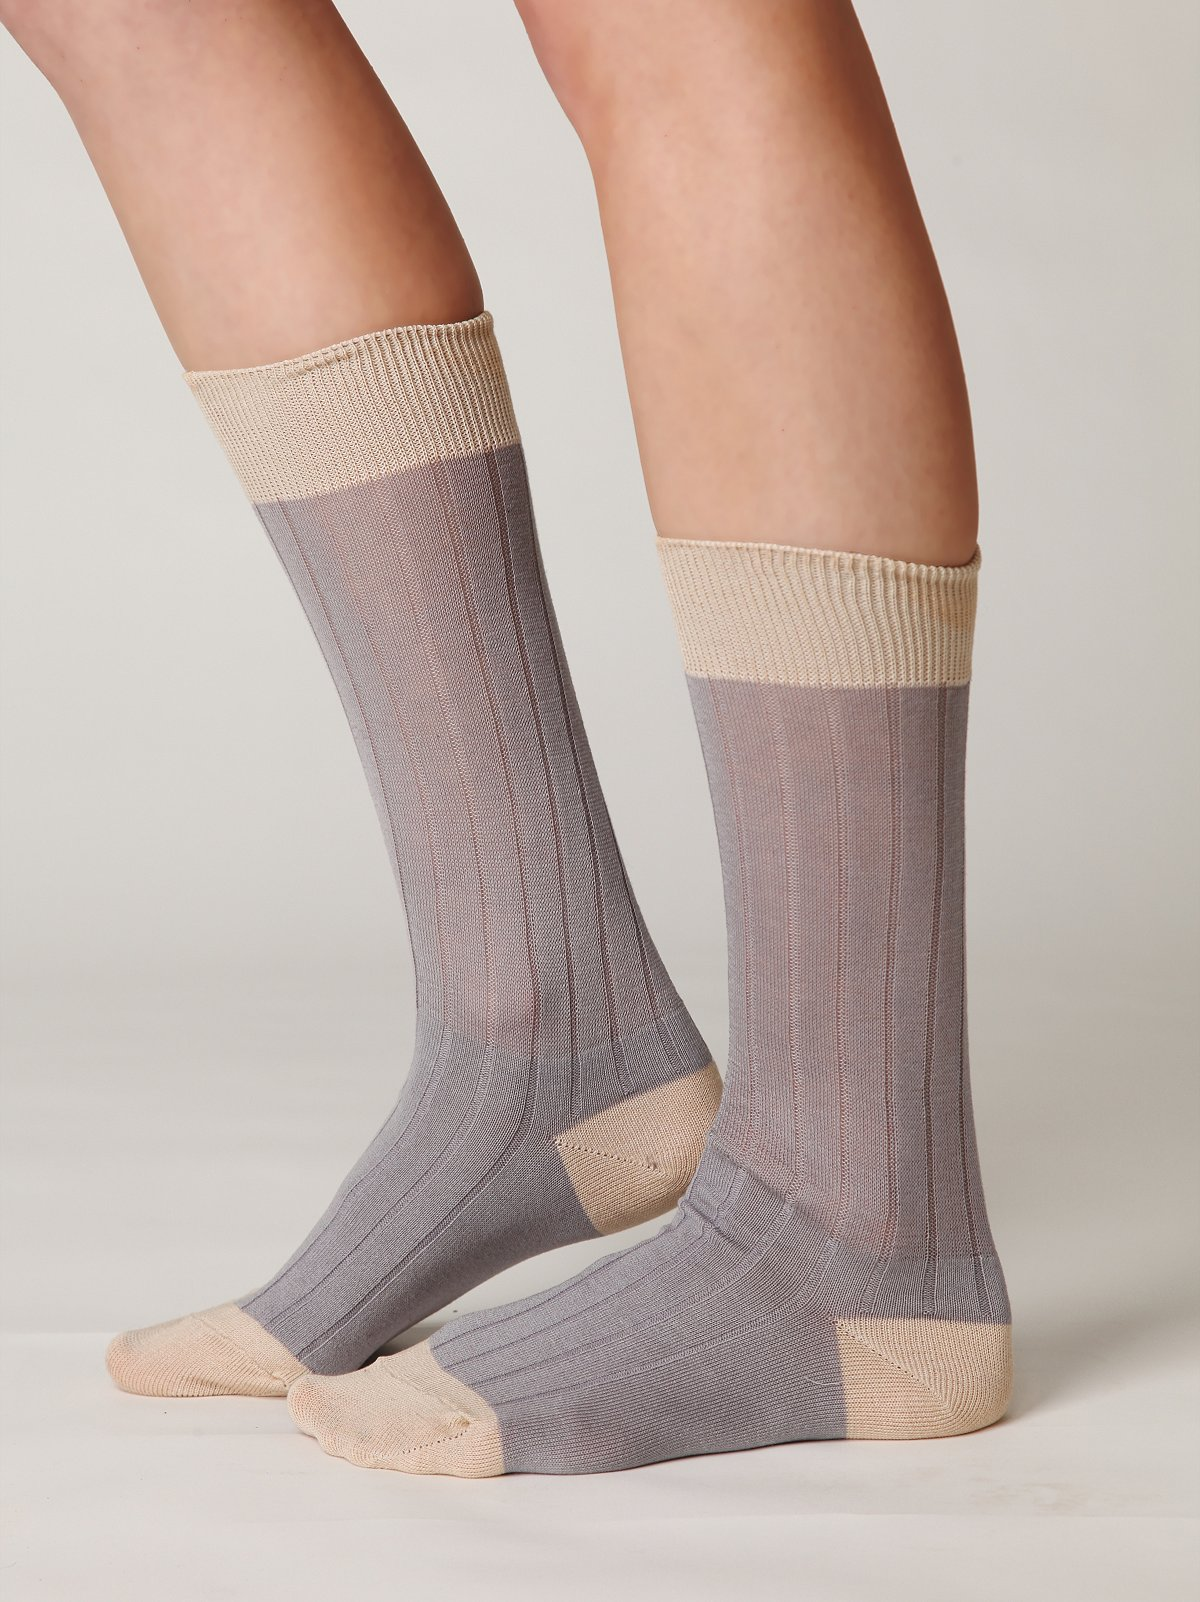 Cozet Sheer Colorblock Sock